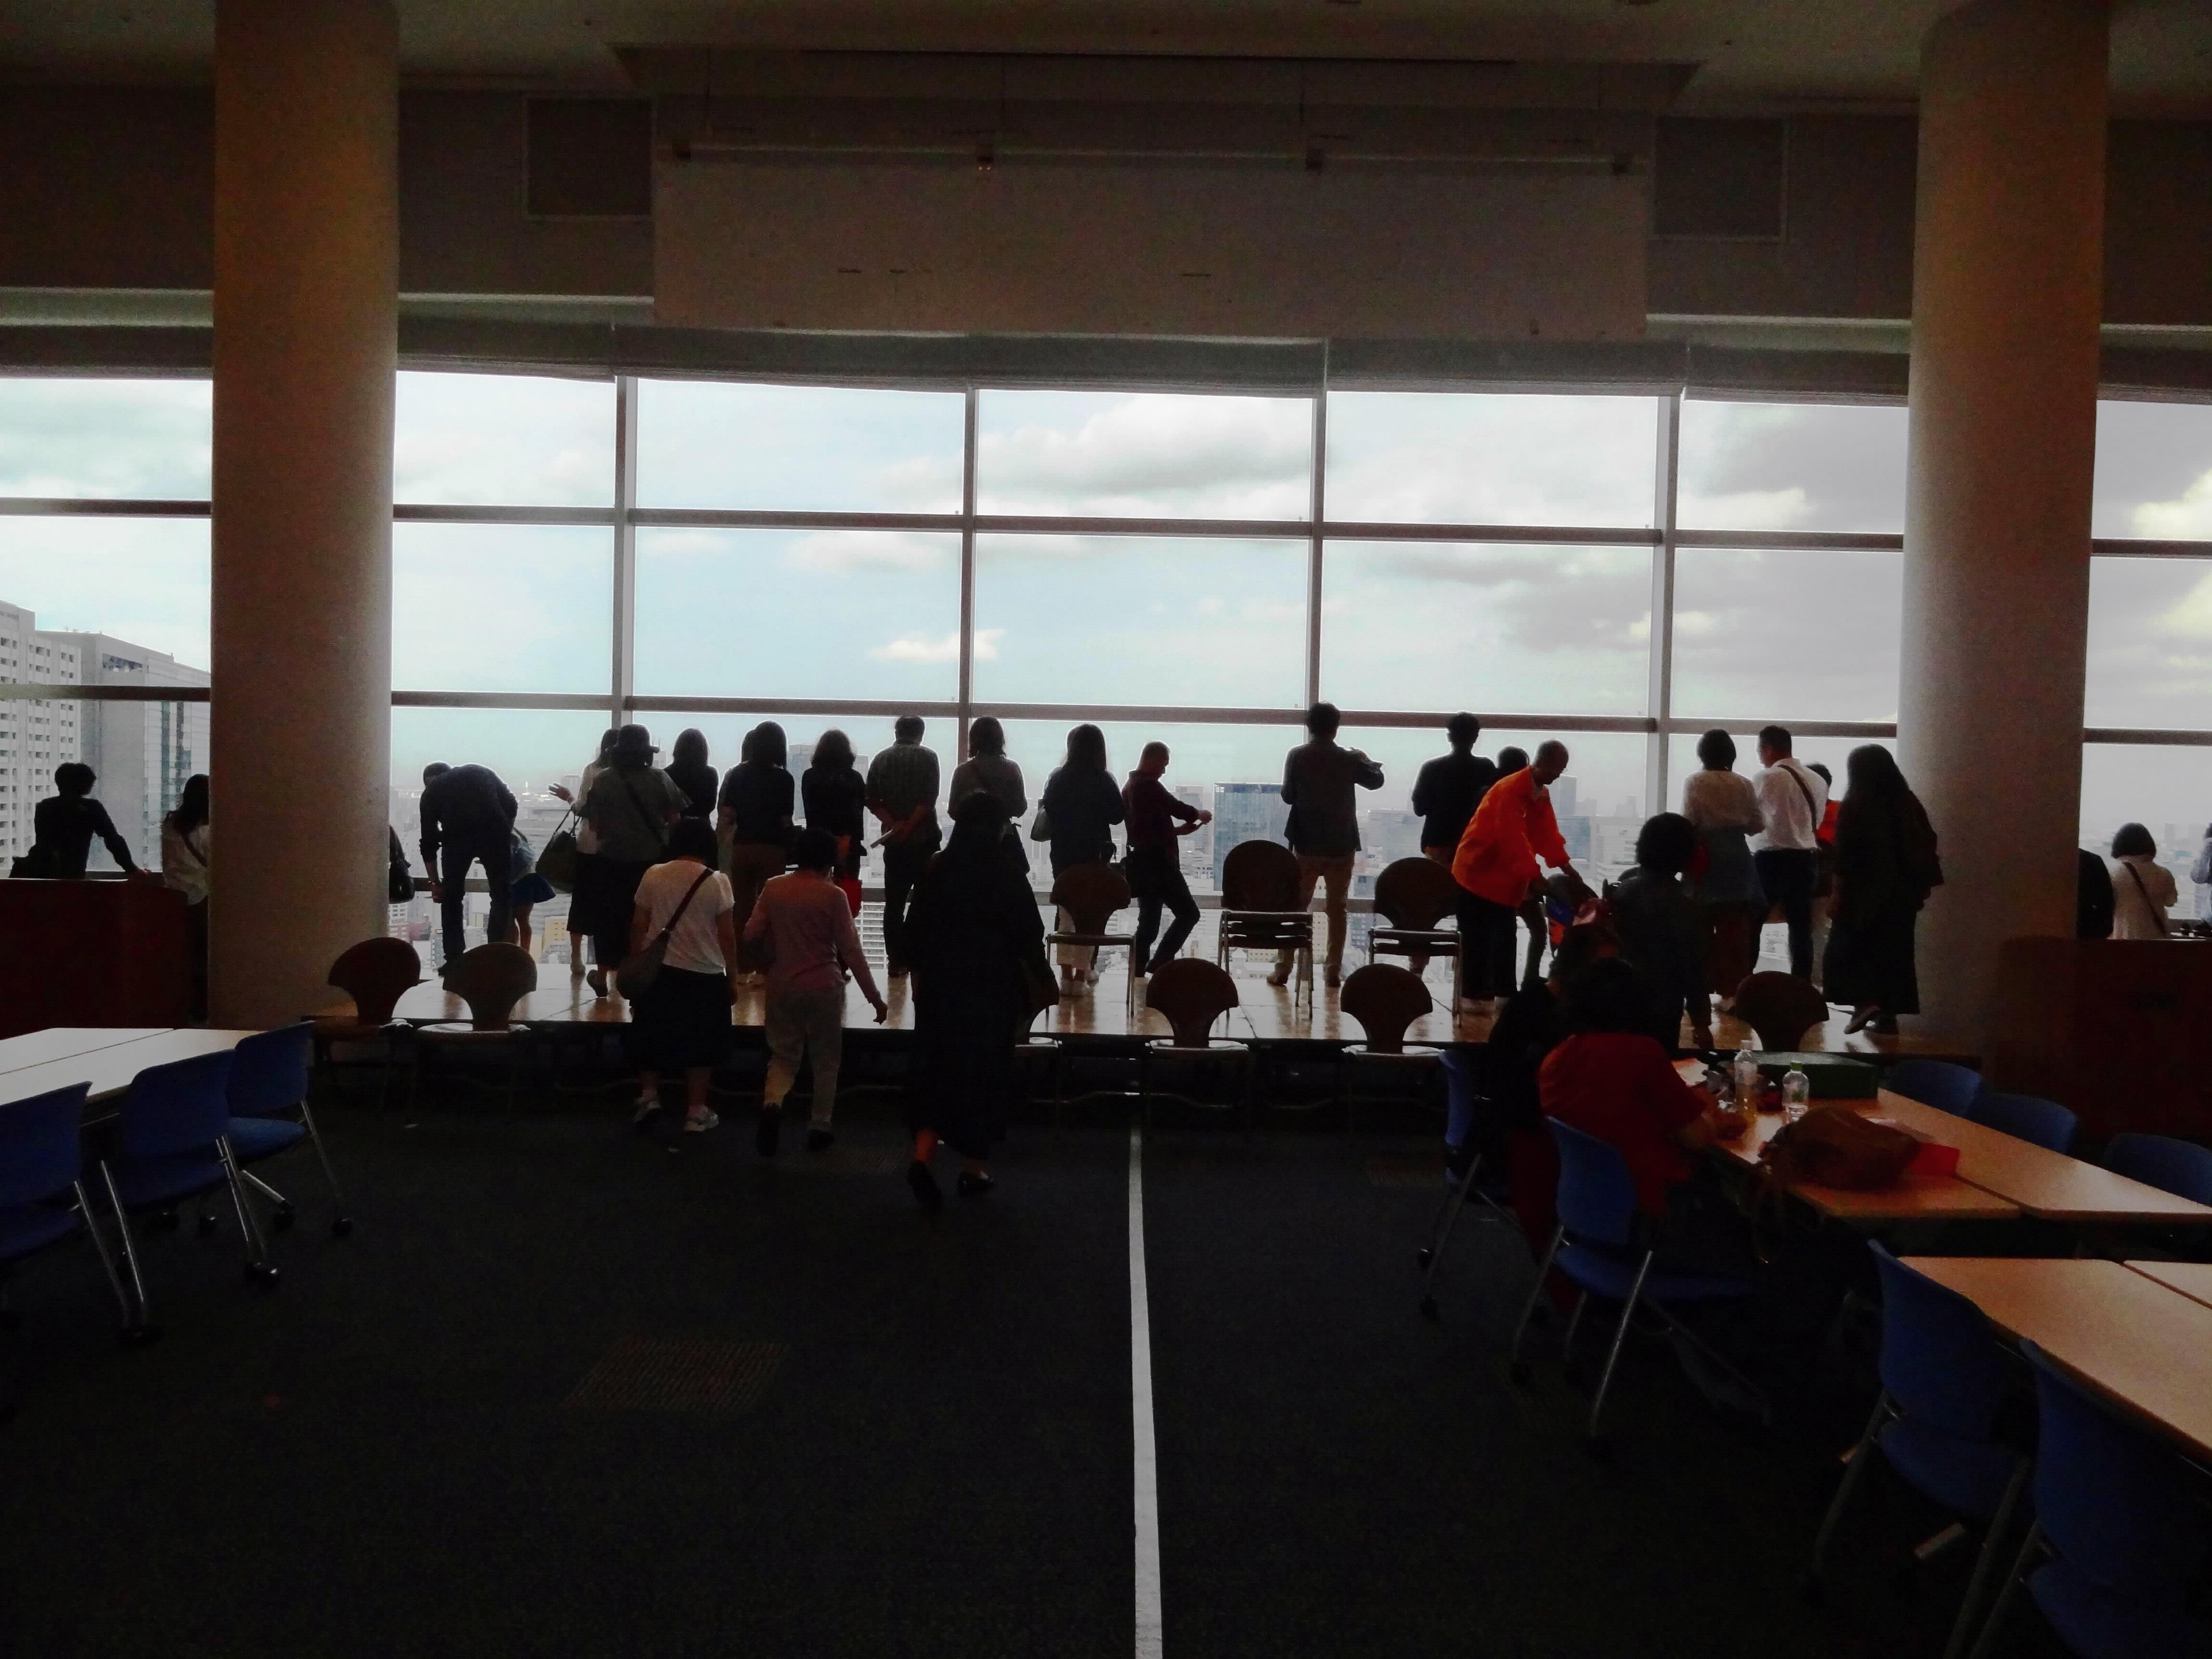 【長野県支部】東京六大学野球観戦&市ヶ谷キャンパスツアー報告